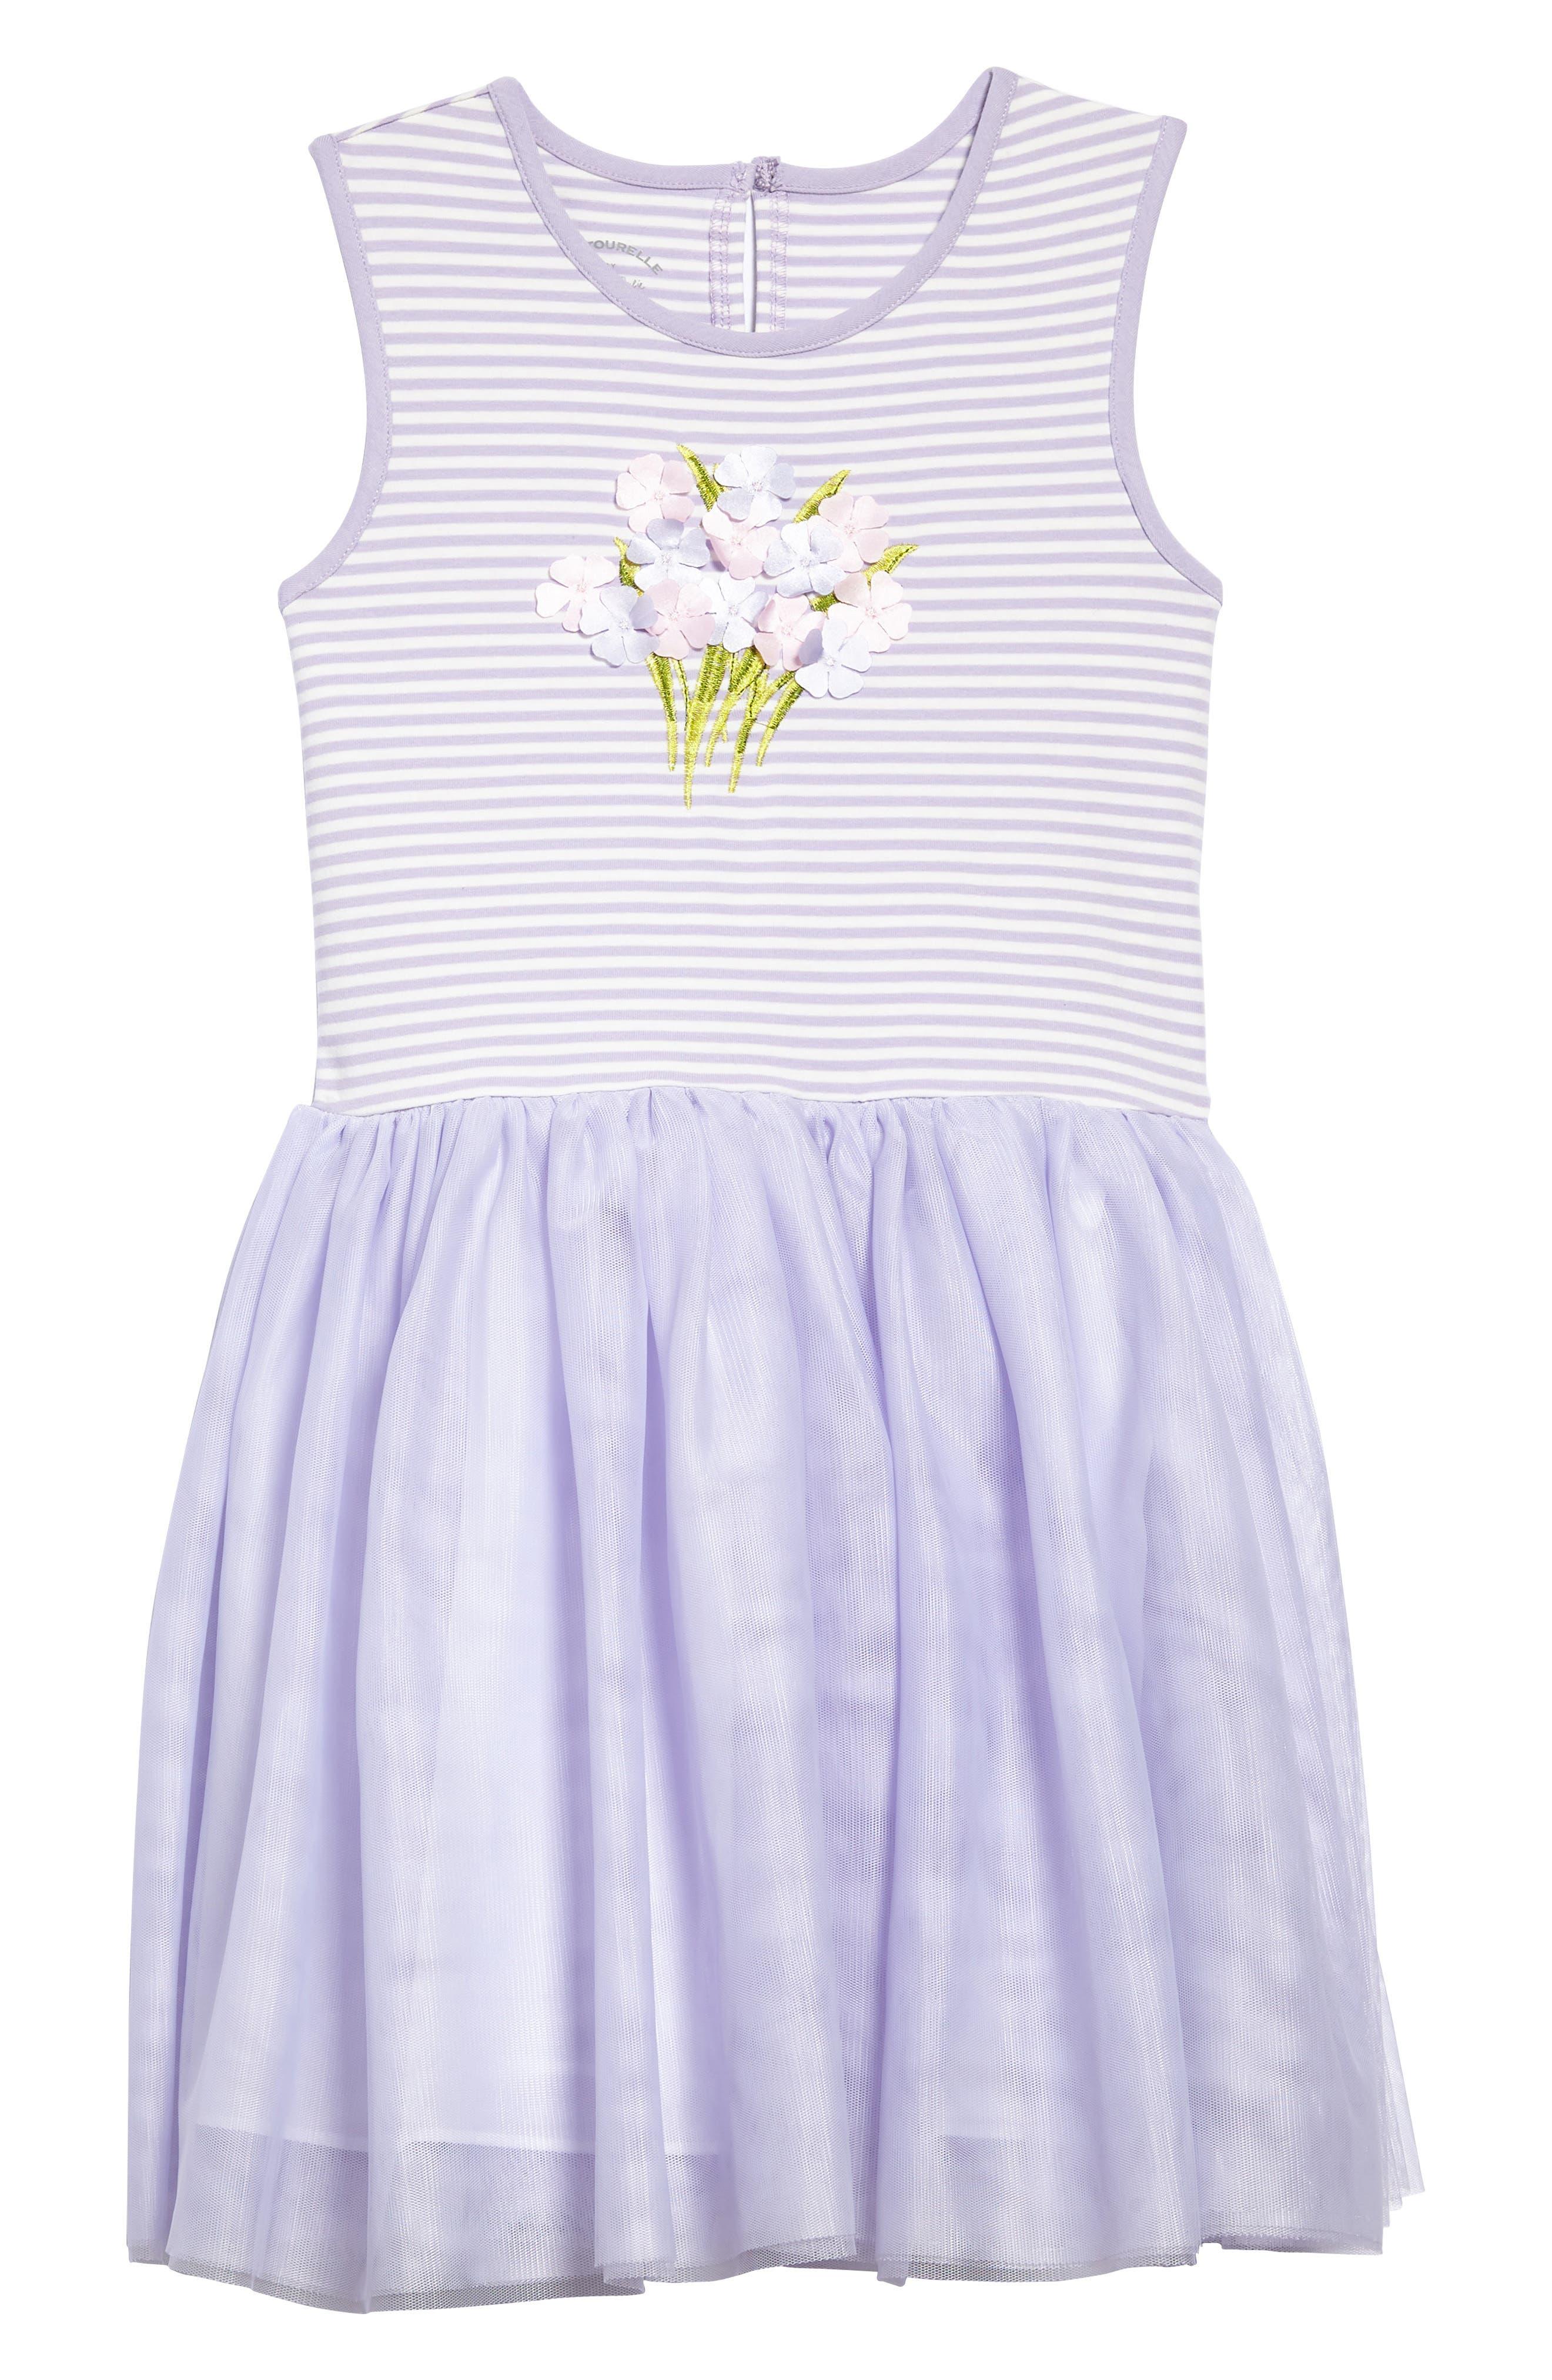 Sleeveless Tutu Dress,                             Main thumbnail 1, color,                             Lavender/ White